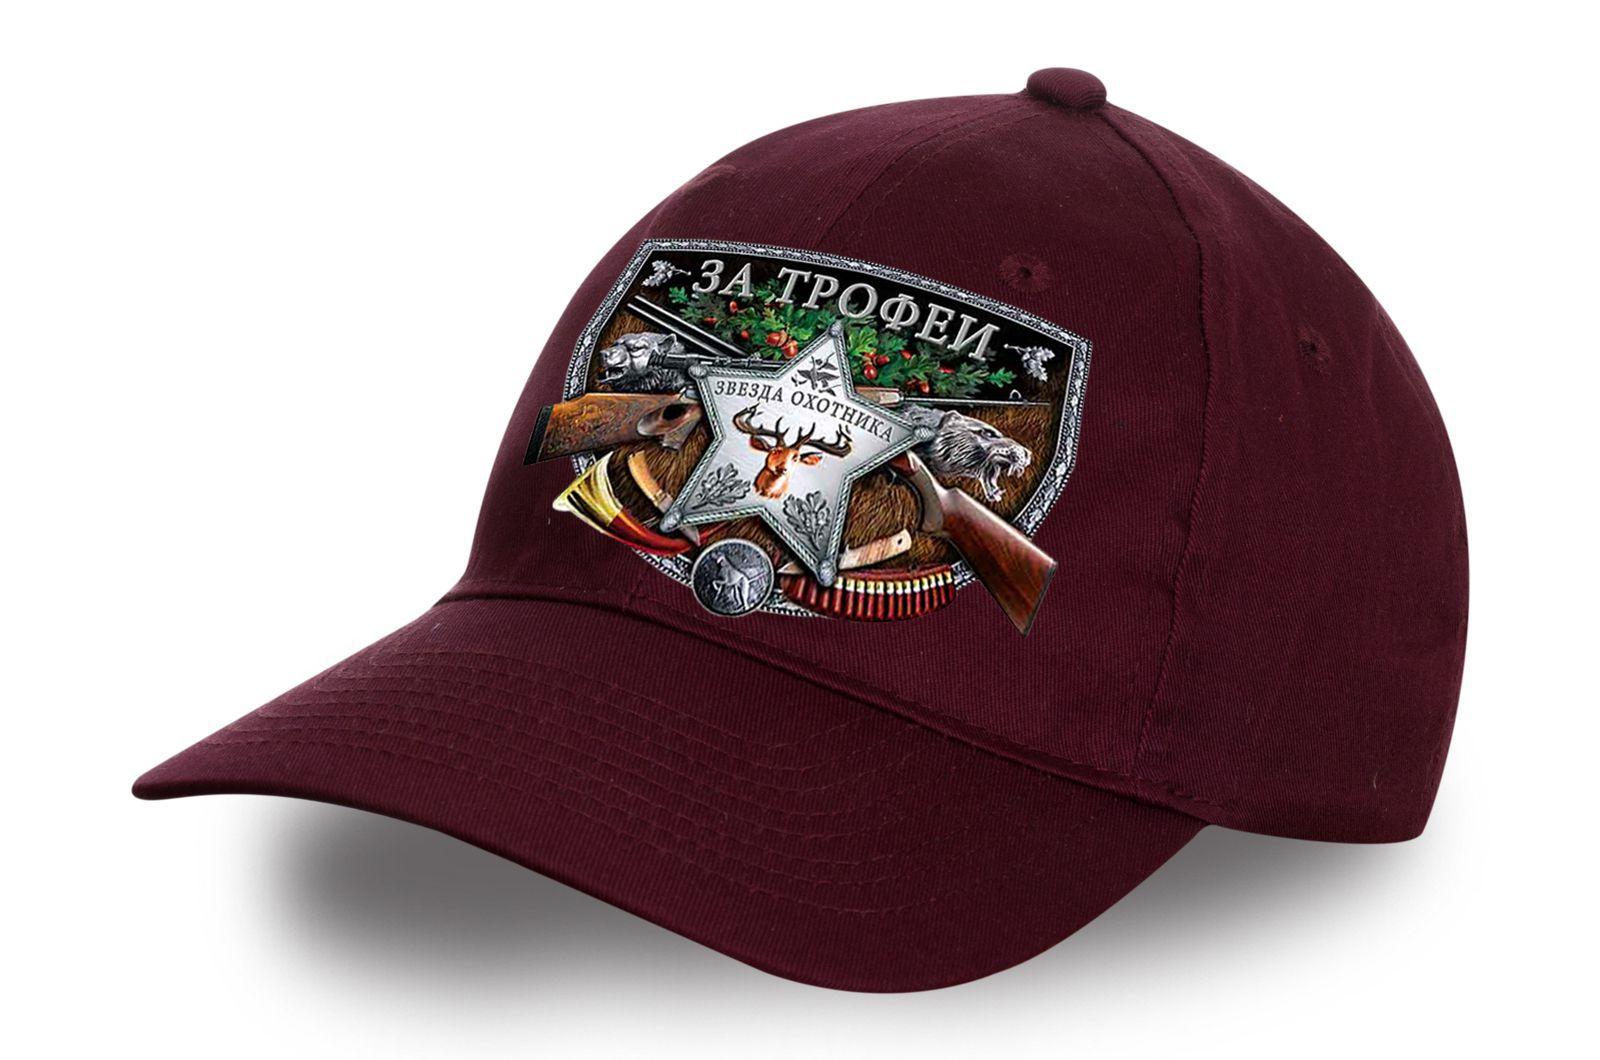 Оригинальная бейсболка охотничья - купить с доставкой